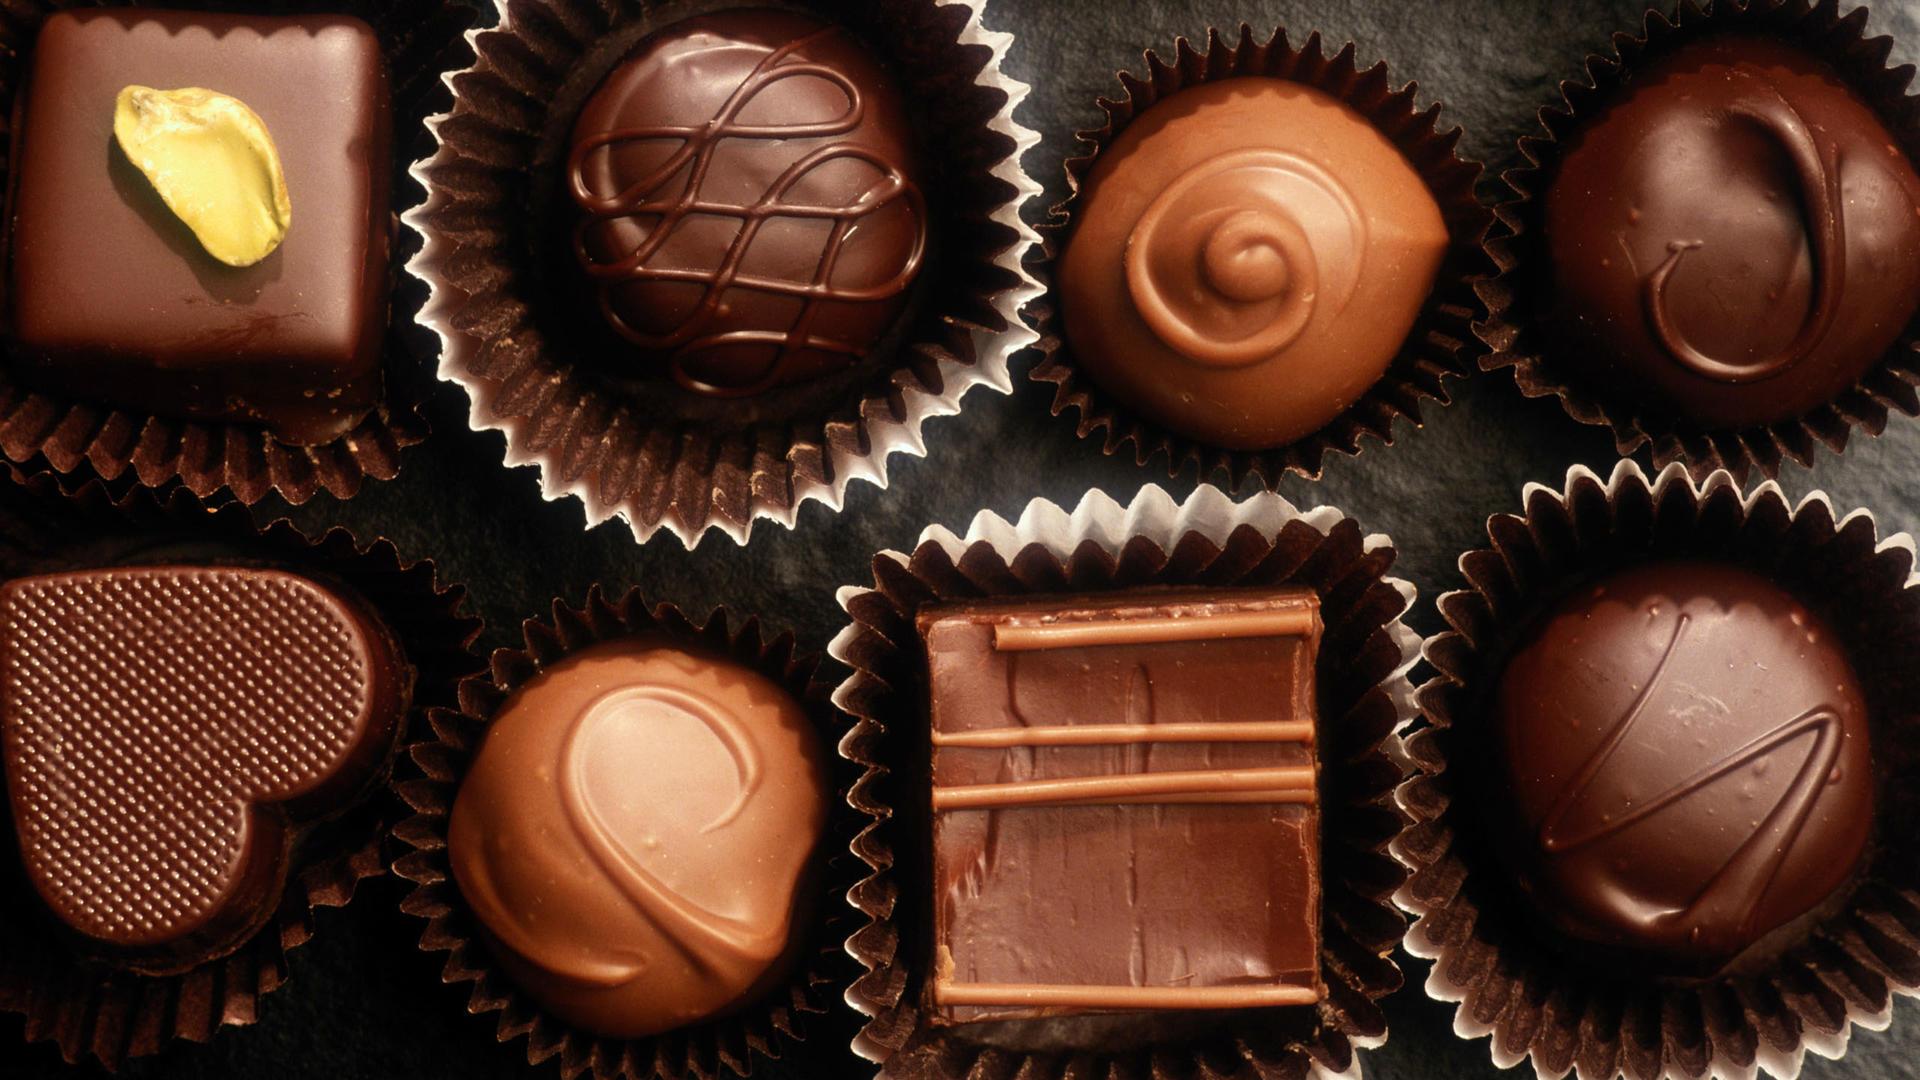 香甜丝滑爱心形状巧克力美食照片大全